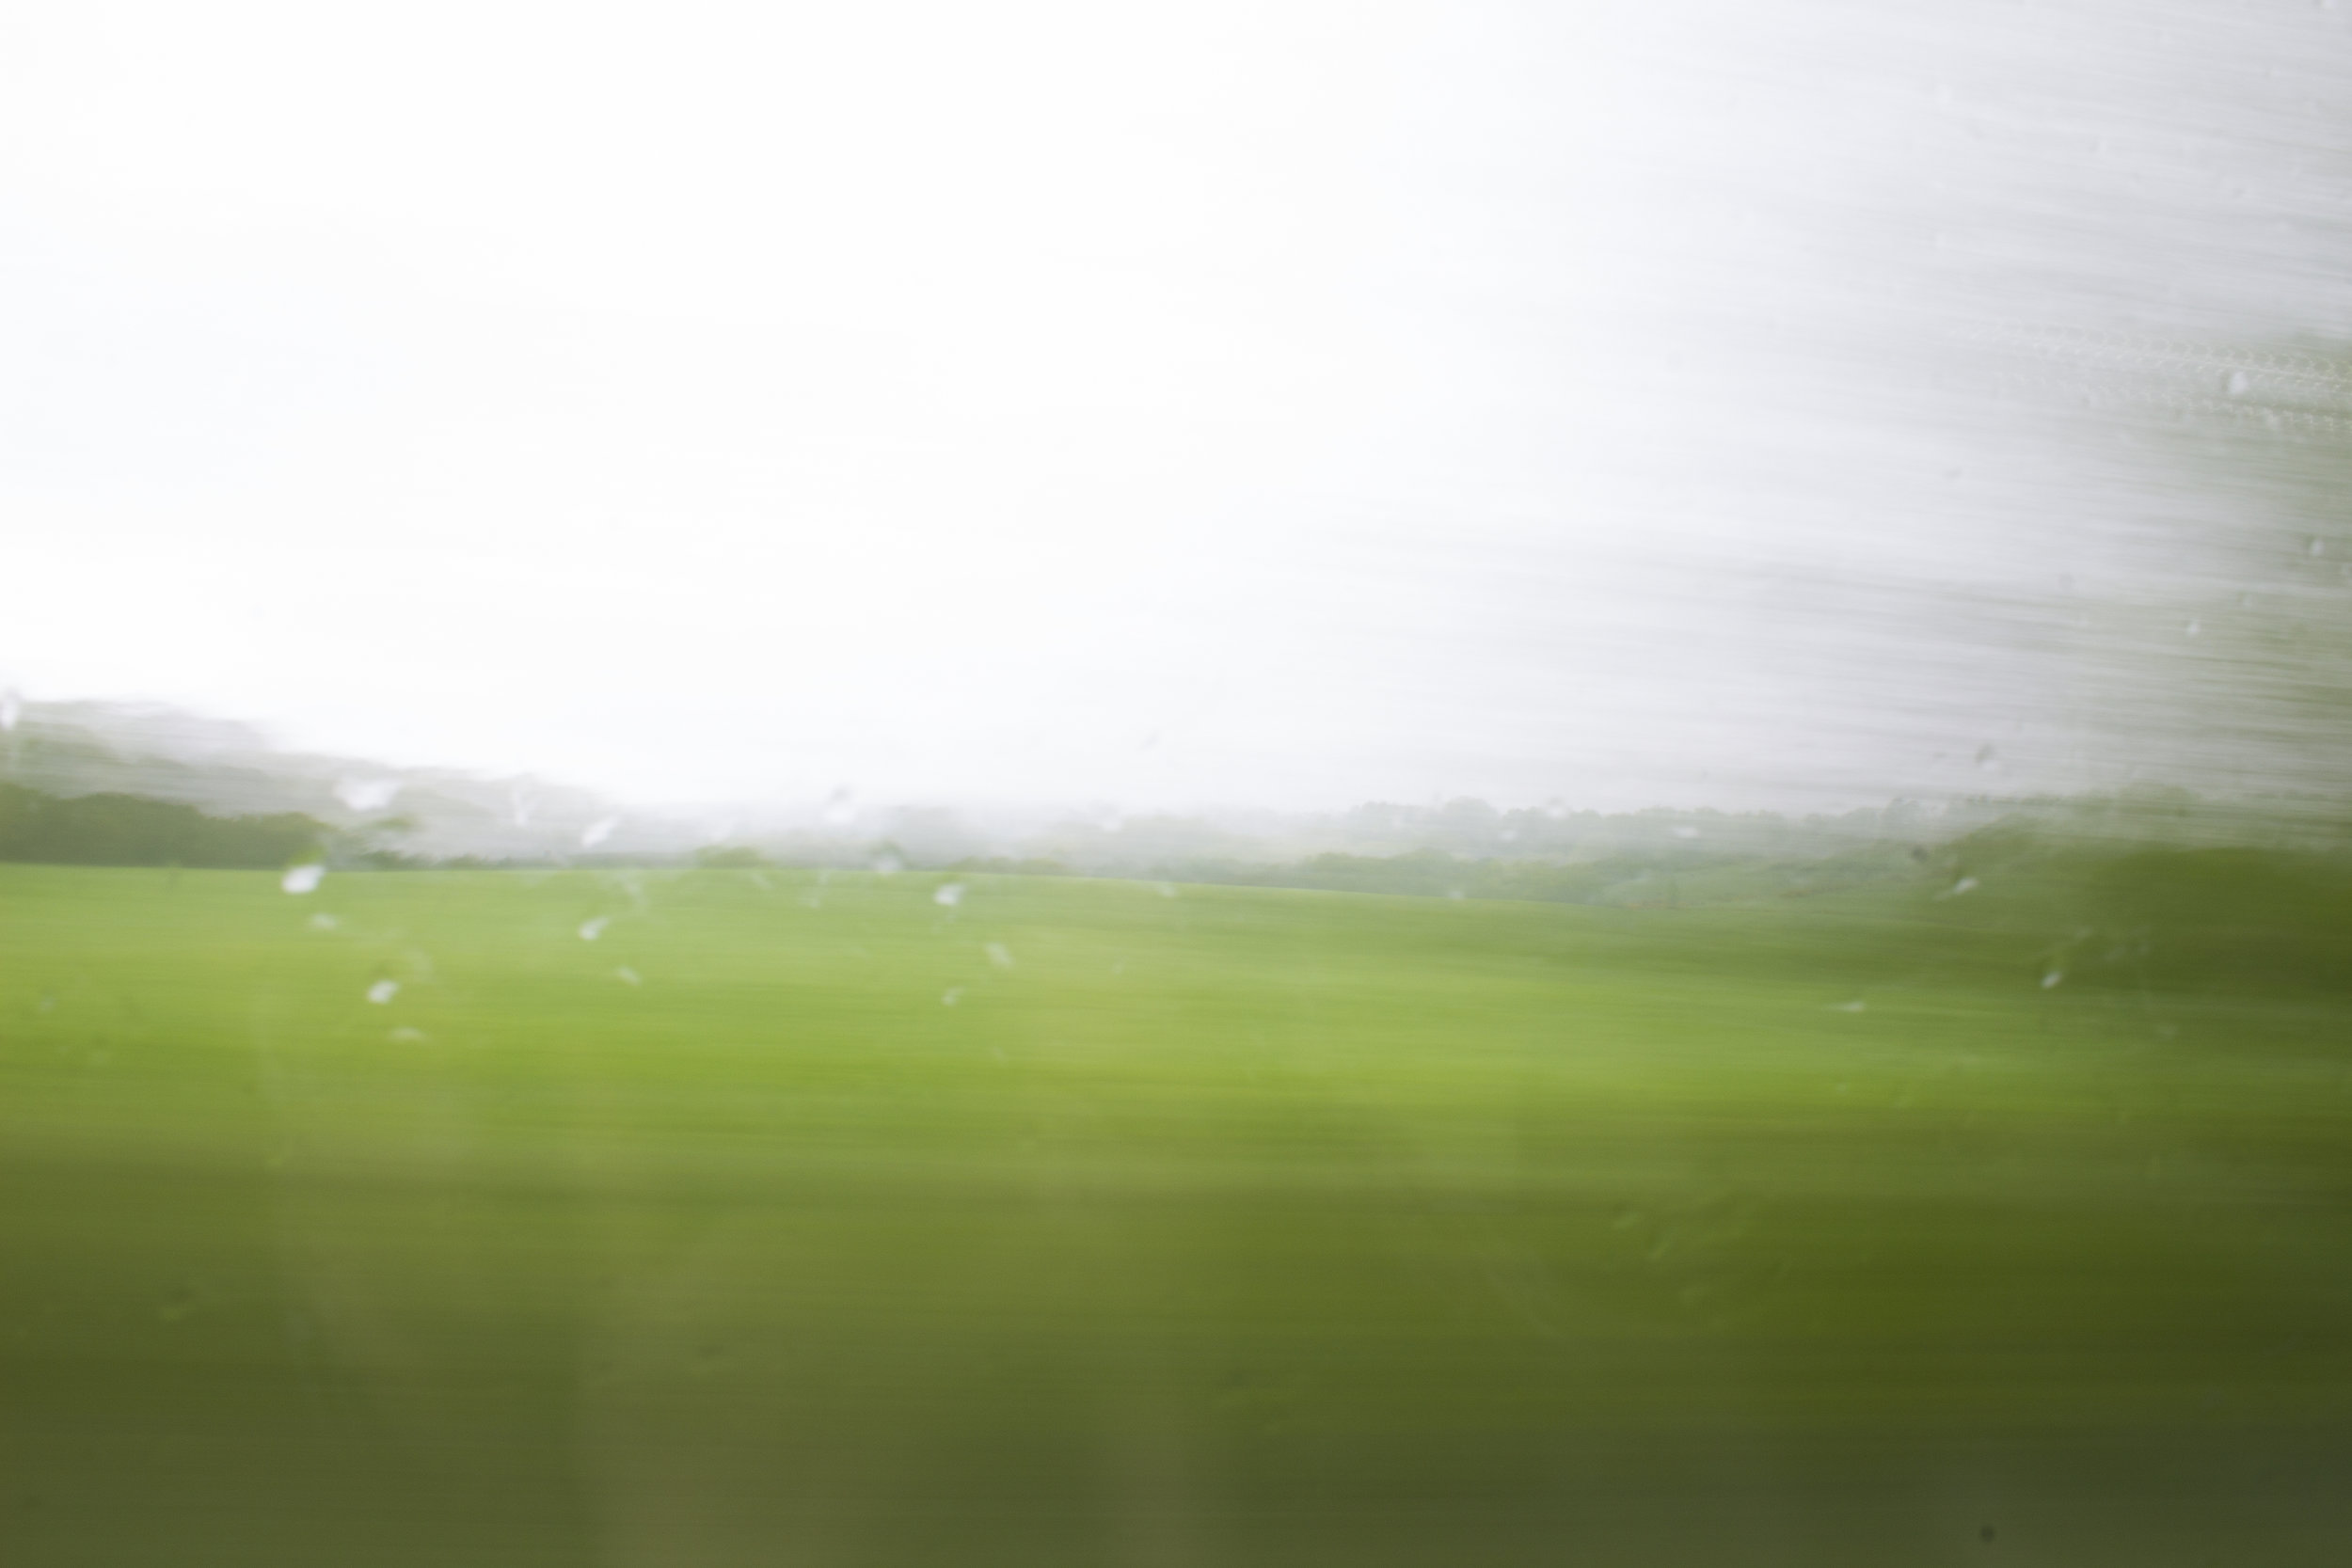 blur3.jpg